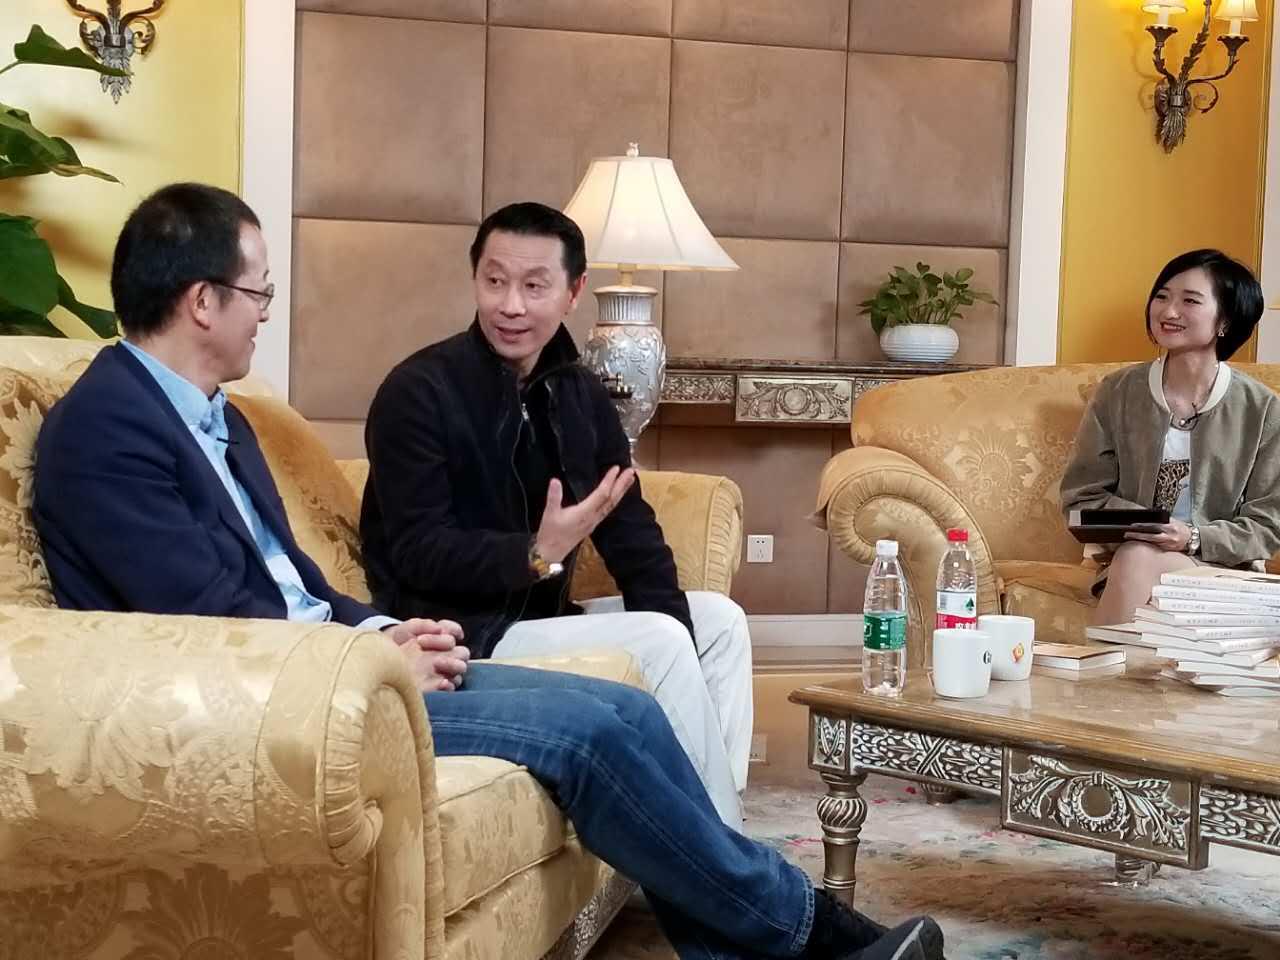 俞敏洪:年轻人只靠攒钱买房几乎是不可能的